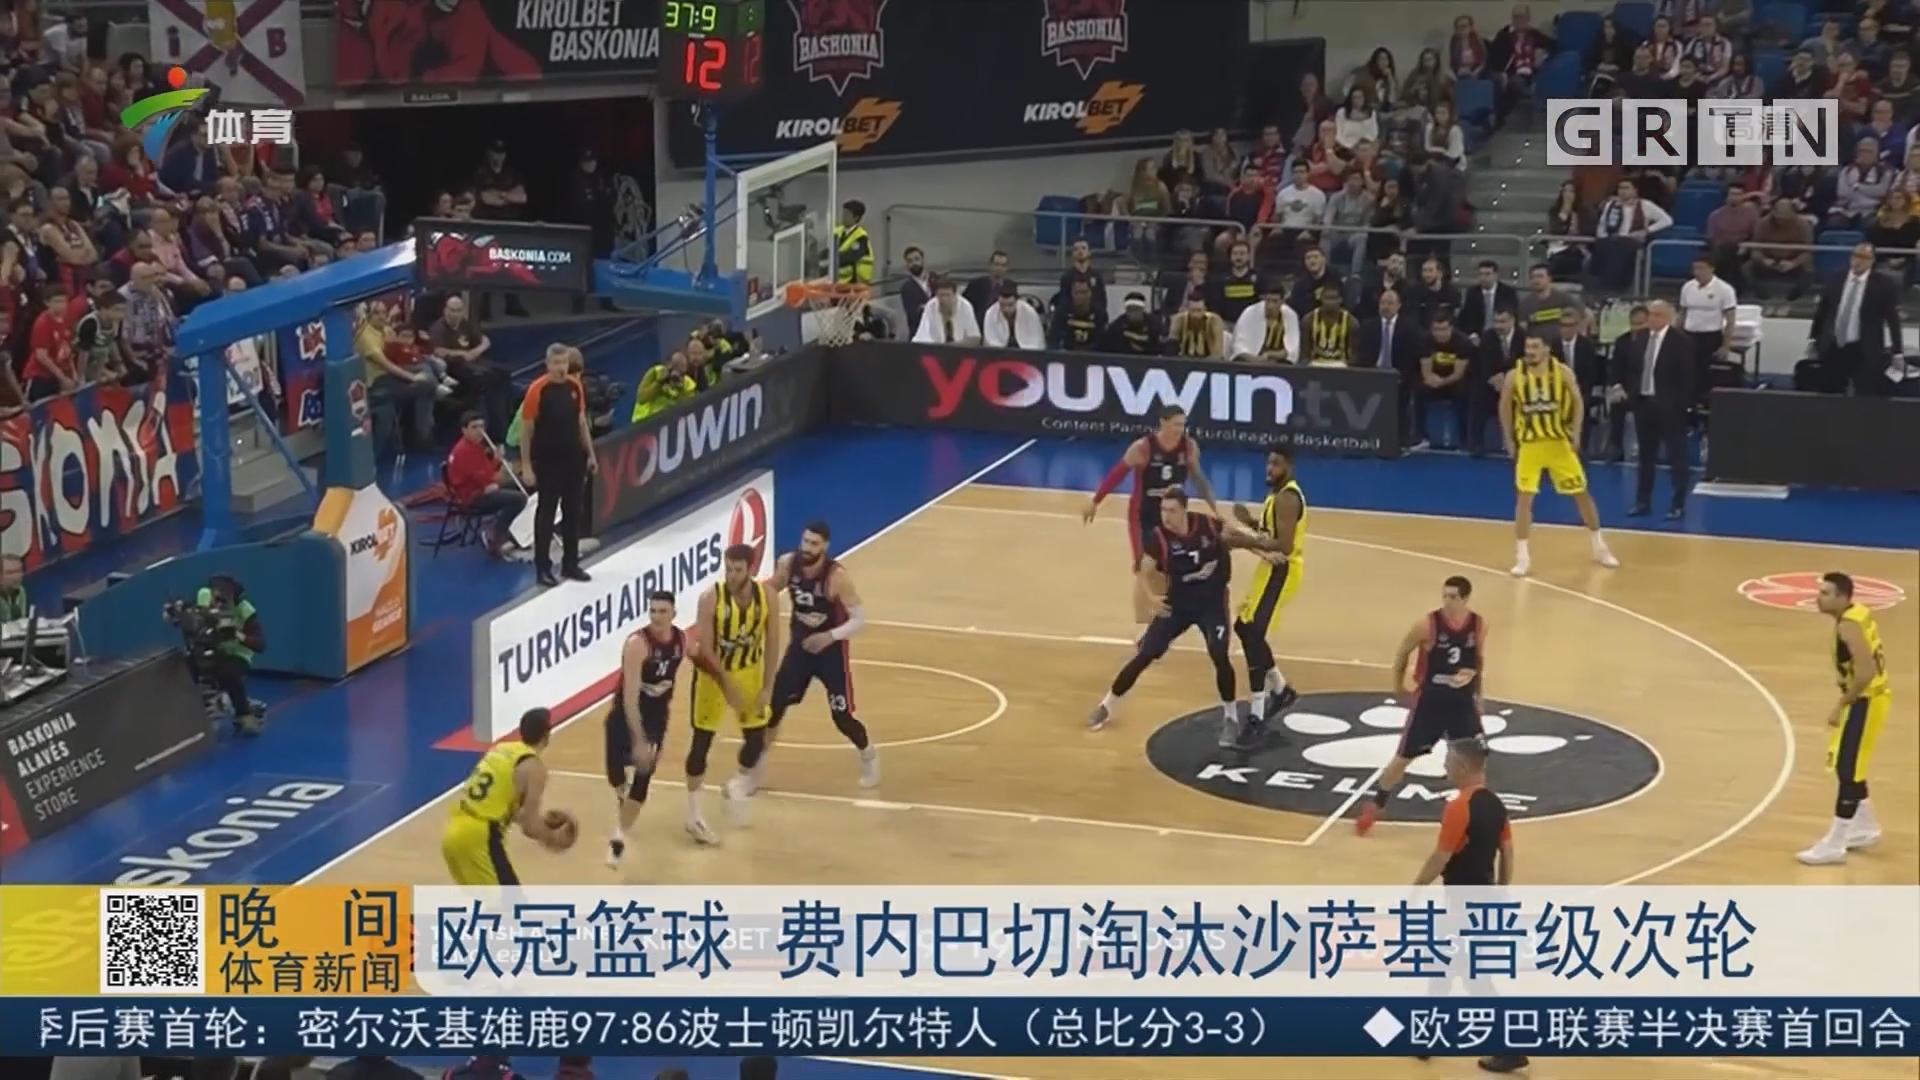 欧冠篮球 费内巴切淘汰沙萨基晋级次轮